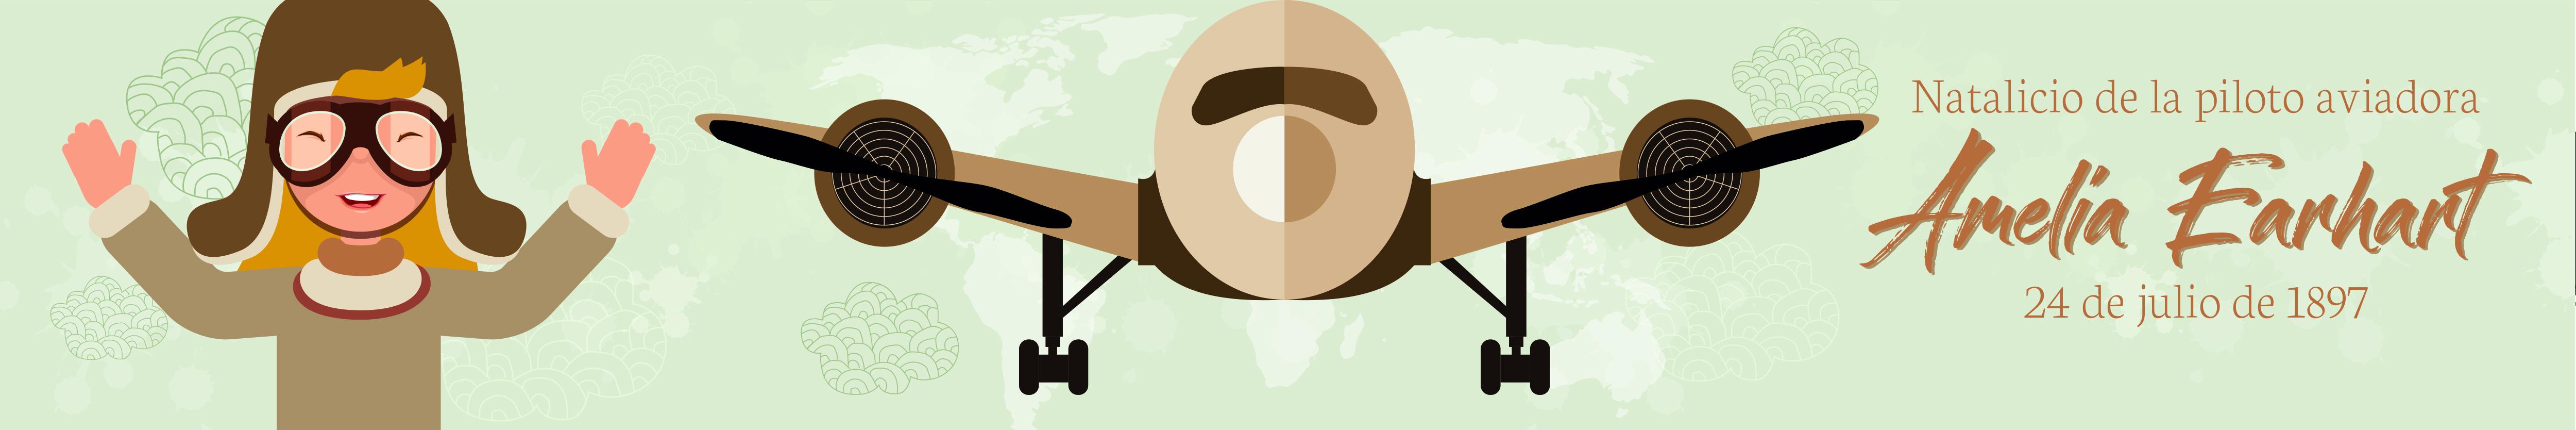 Ilustración dedicada a la aventurera estadounidense de la aviación